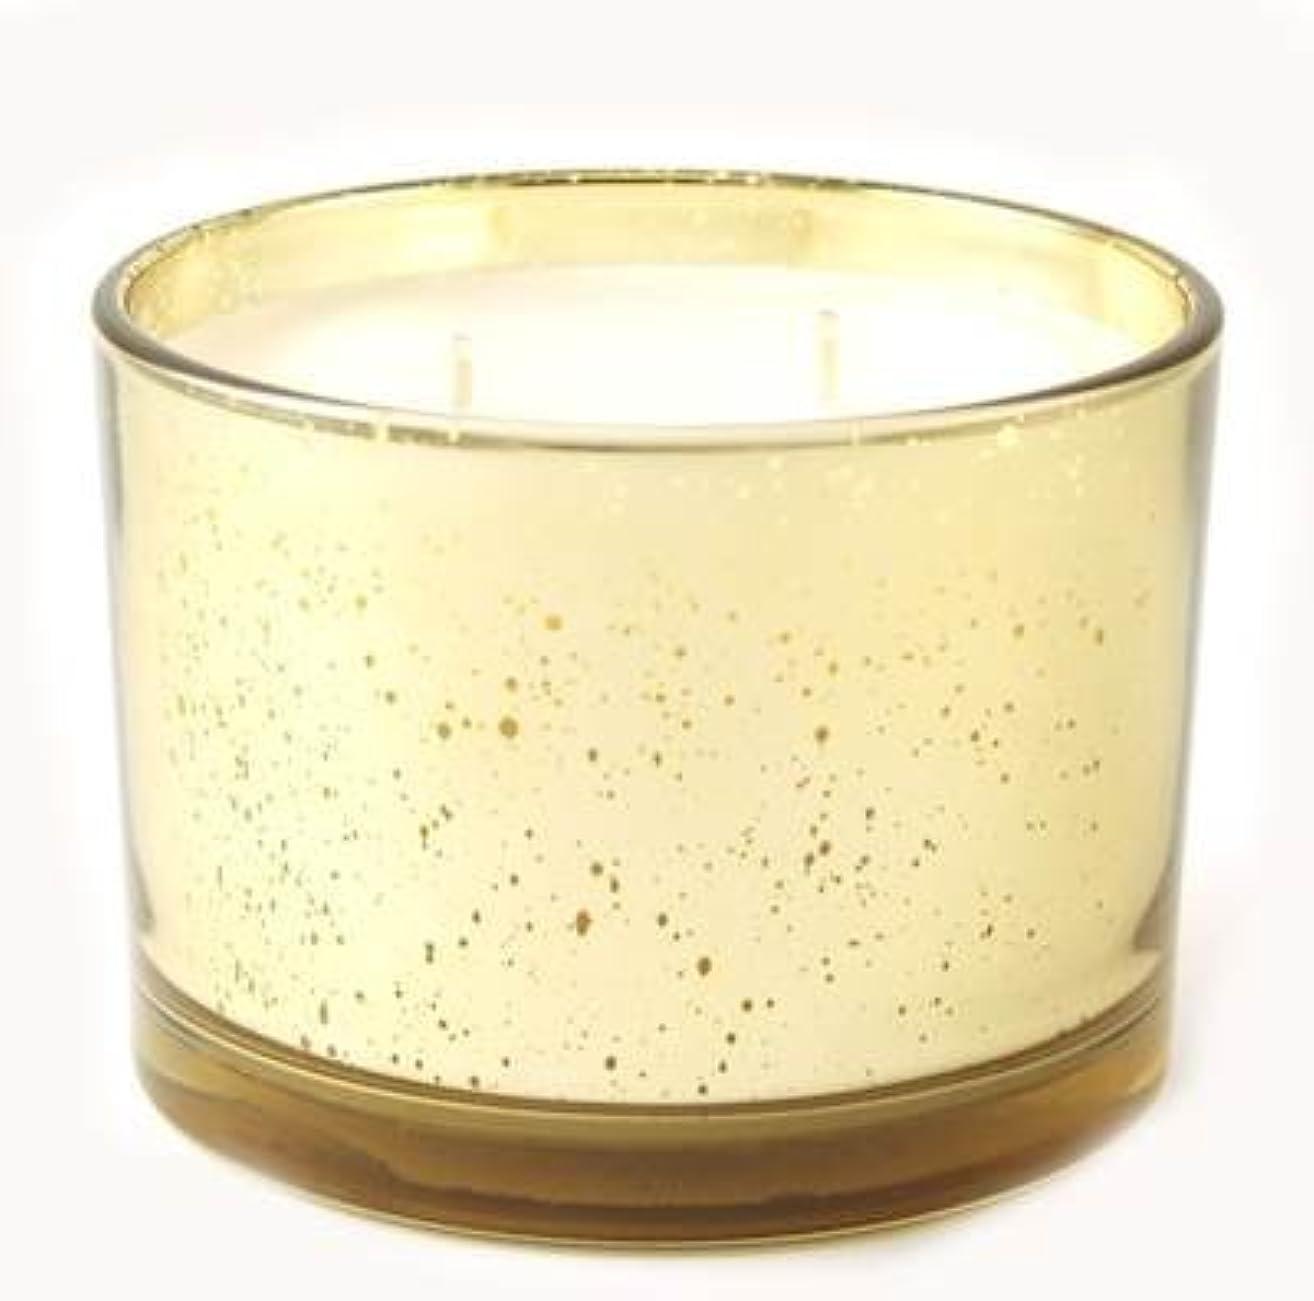 哀れな買い物に行く代替High Maintenance Tyler Statureゴールドonゴールド16oz香りつきJar Candle